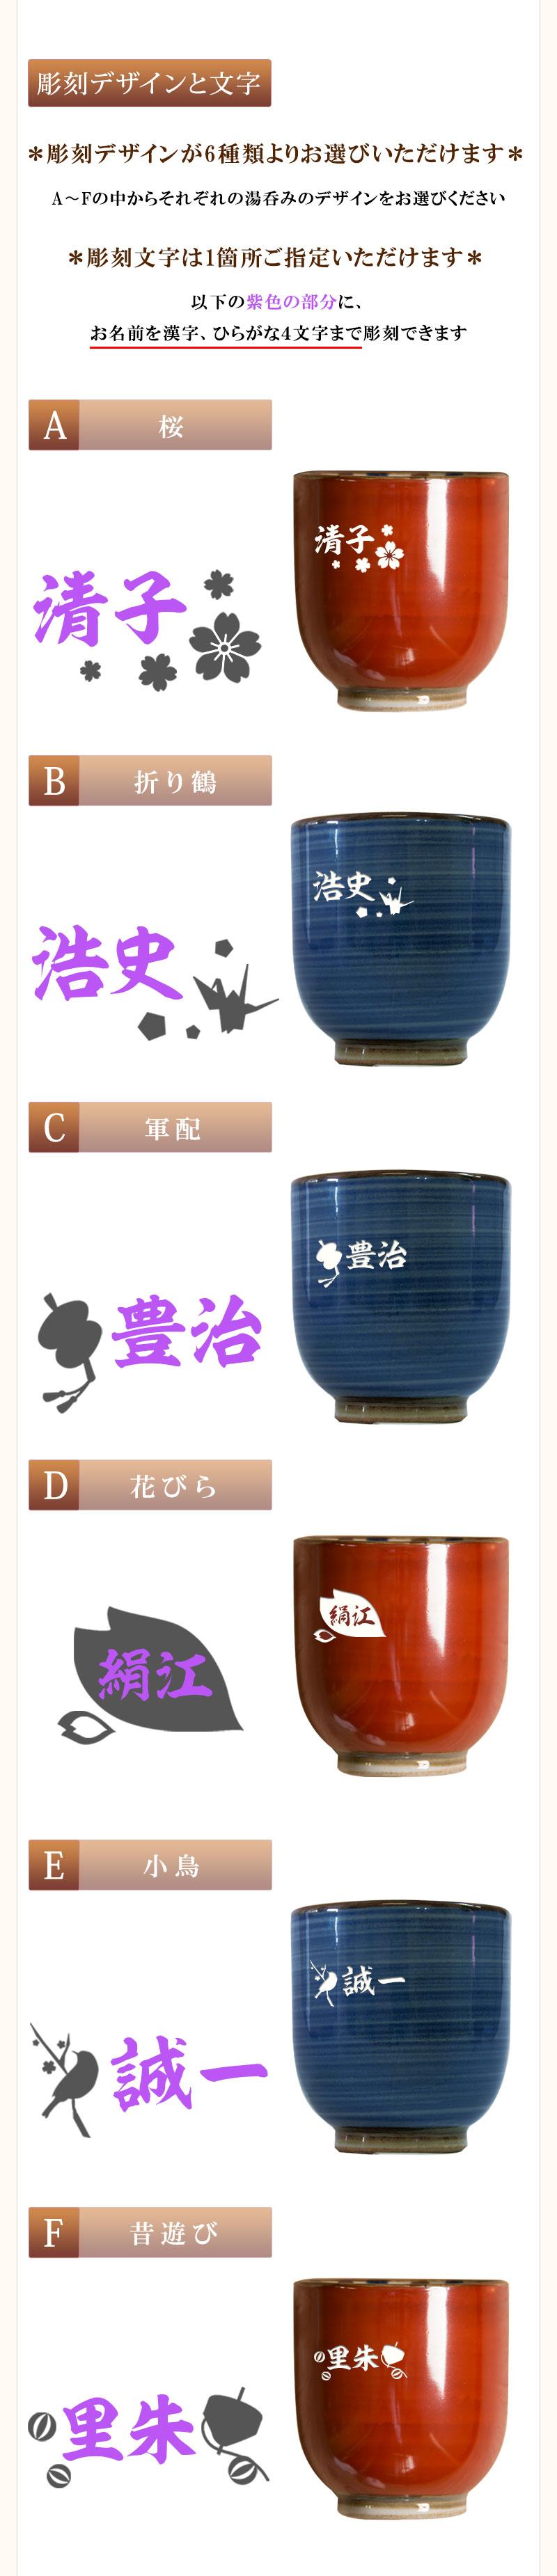 お名前を漢字4文字と、お選びいただいたデザインを彫刻できます